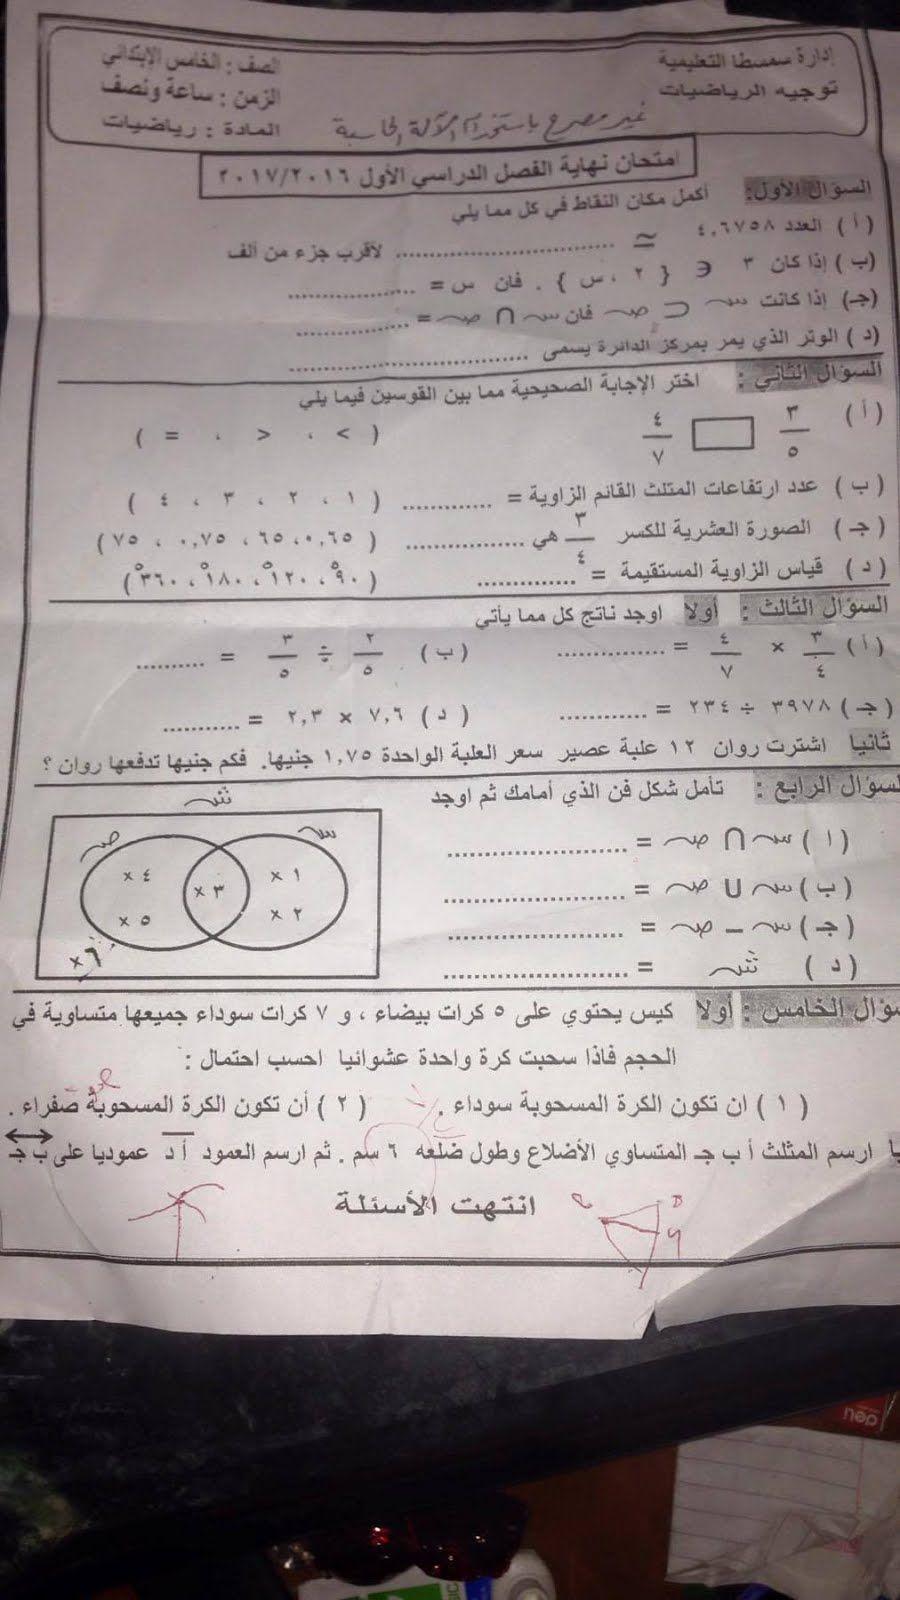 ورقة امتحان الرياضيات الفعلية للصف الخامس الابتدائى الترم الاول 2017 ادارة سمسطا